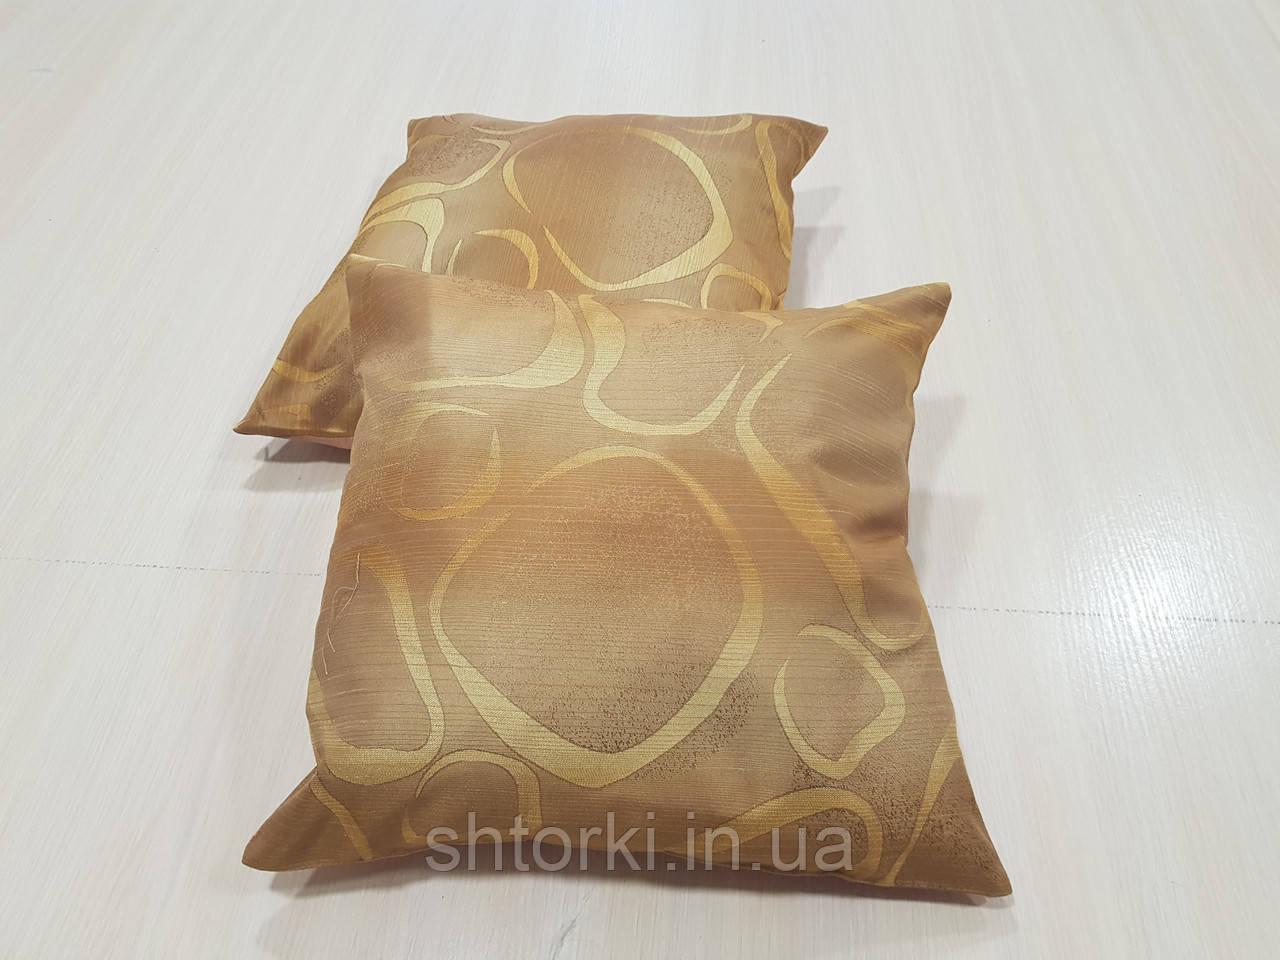 Комплект подушек Абстракция овалы оранжевые и розовые 2шт